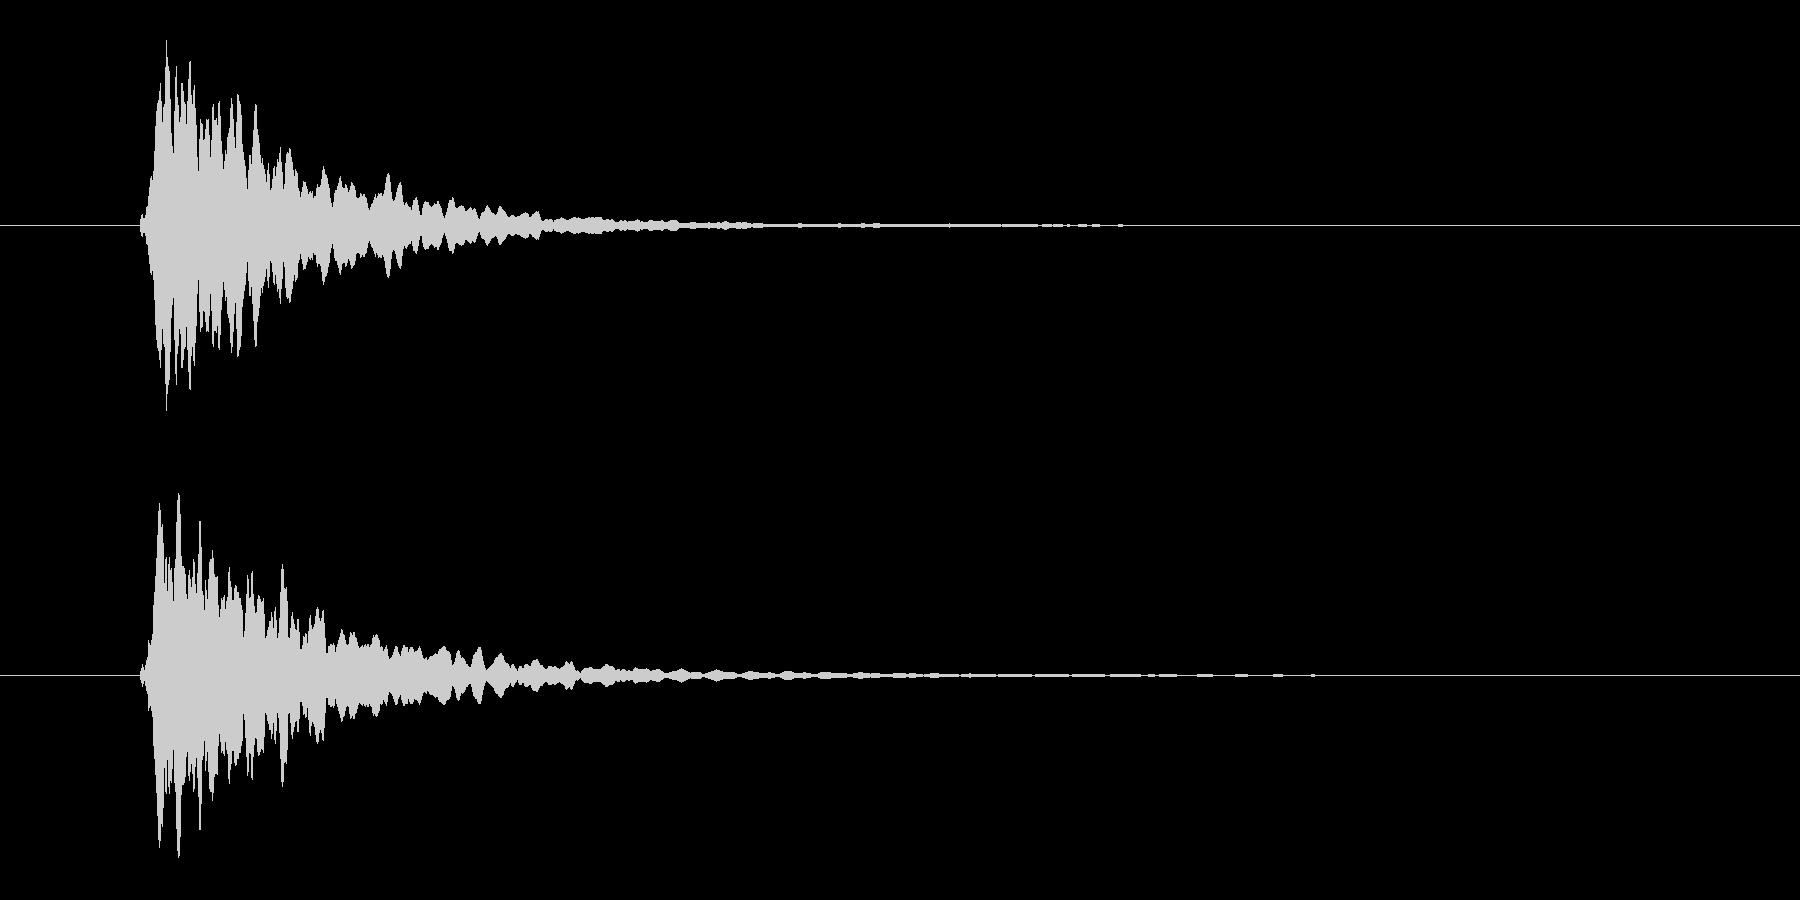 ピーン、テロップ音、シンプル、座布団の未再生の波形